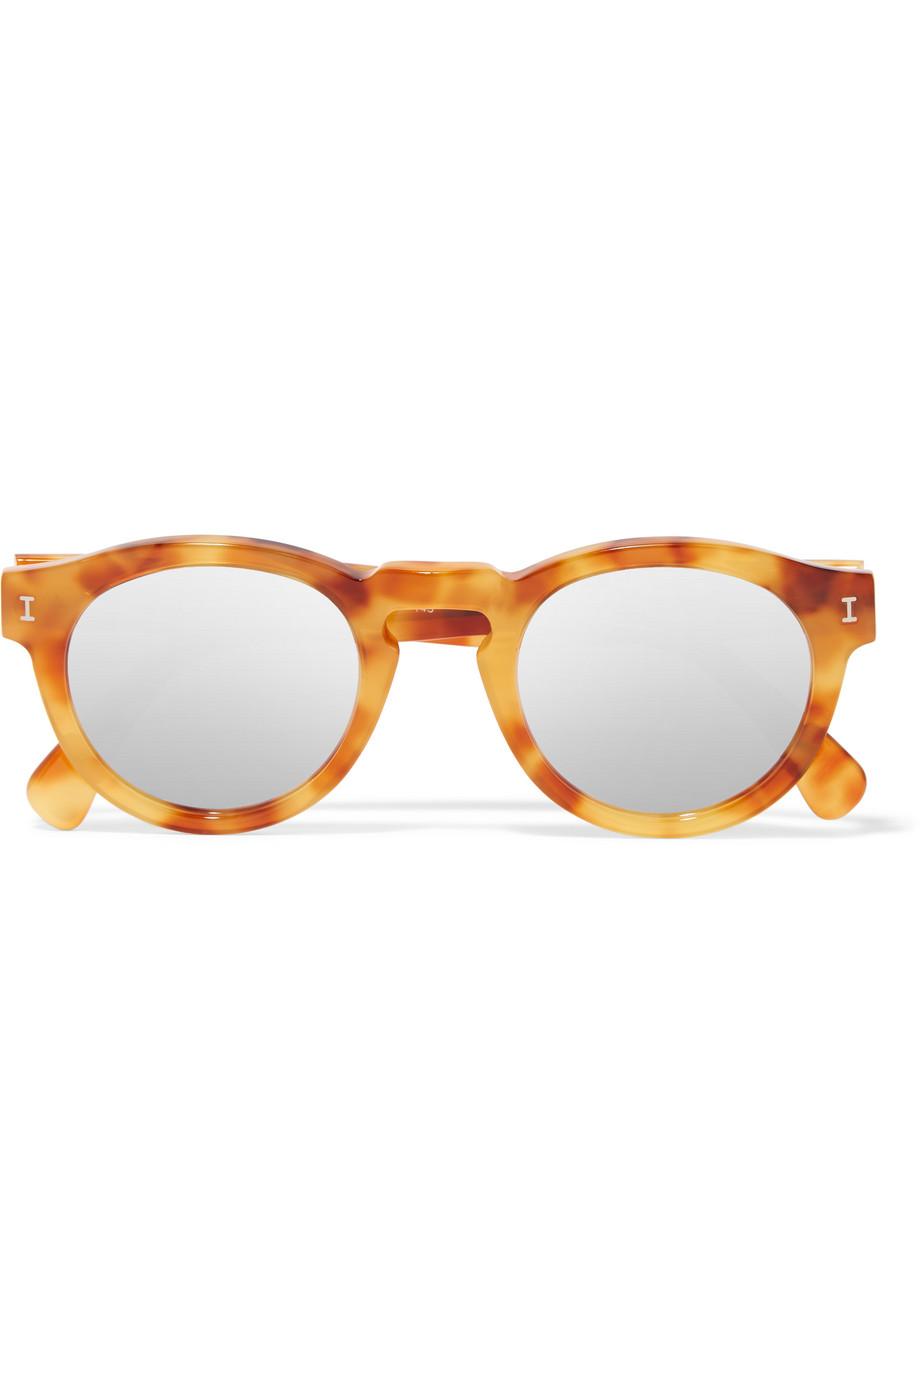 Illesteva Leonard Round-Frame Acetate Mirrored Sunglasses, Tortoiseshell/Light Brown, Women's